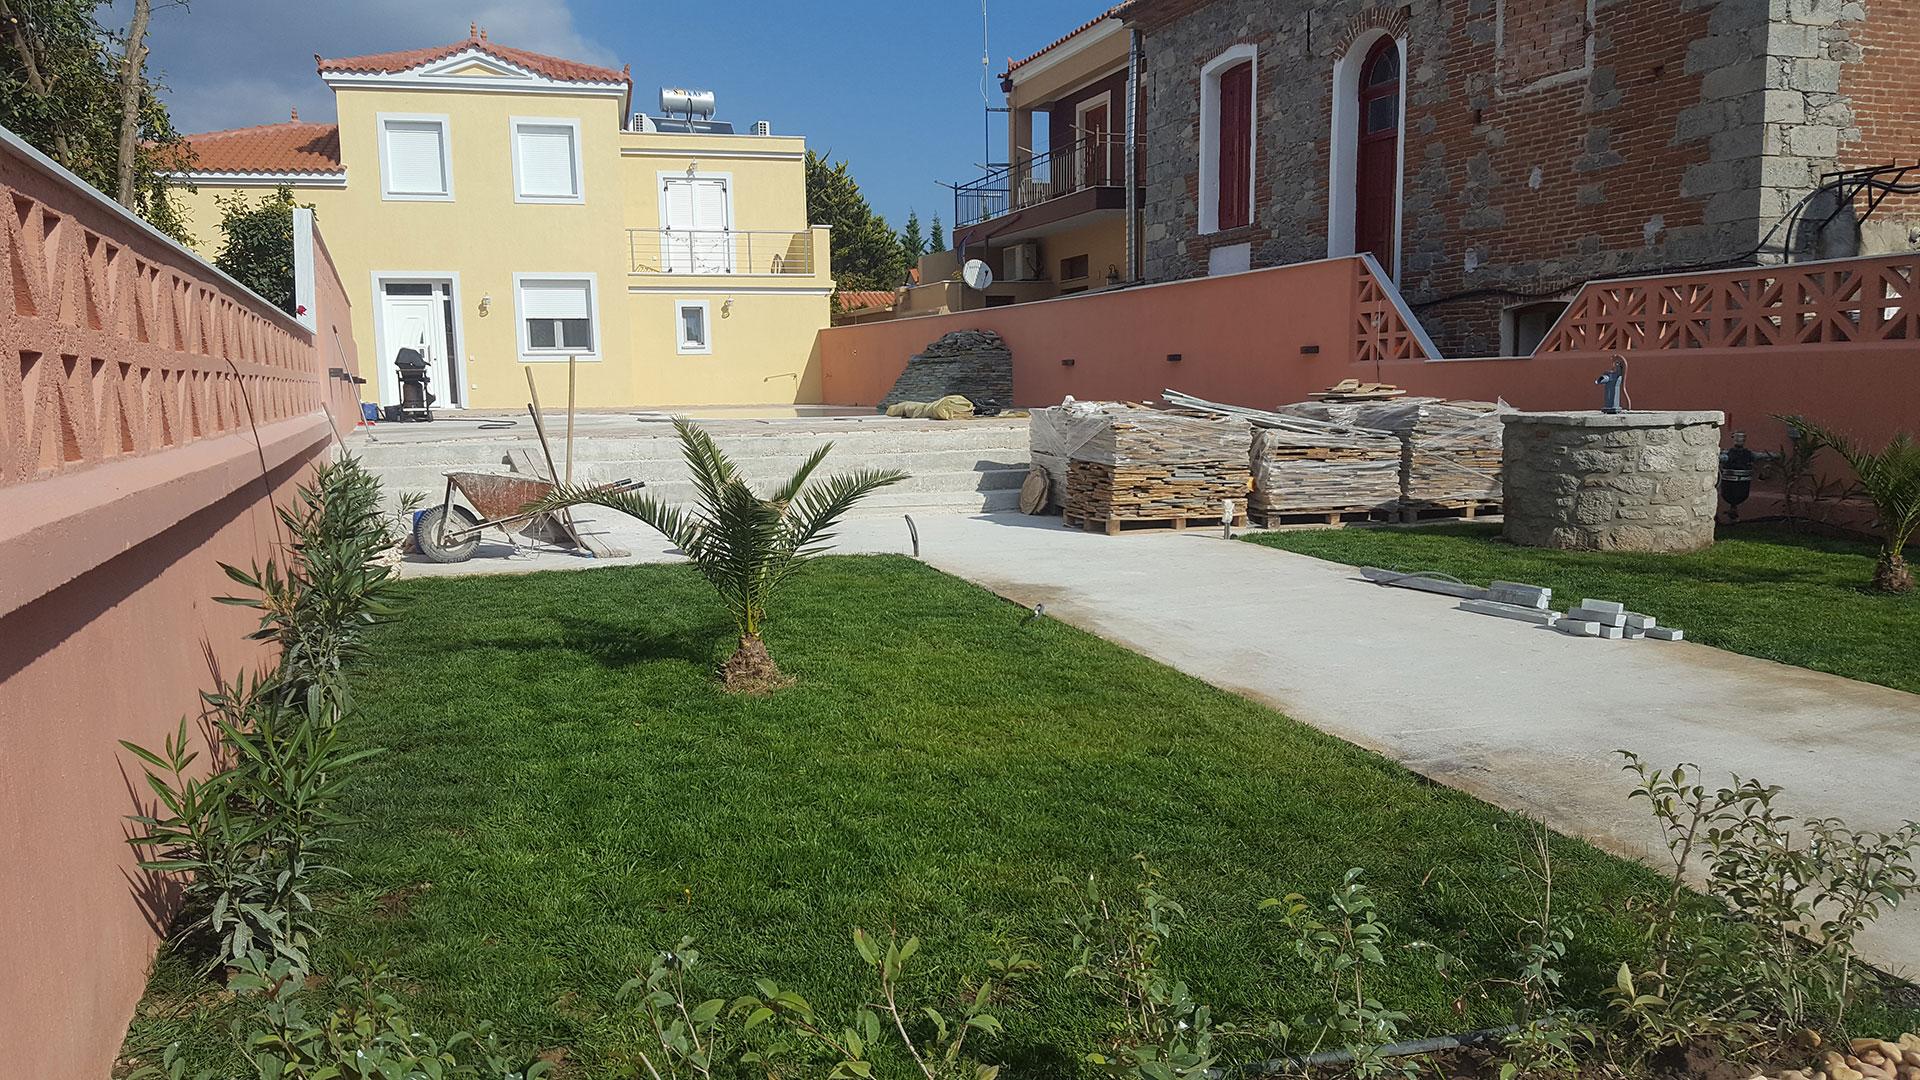 κατασκευή κατοικίας κεράμι pic1